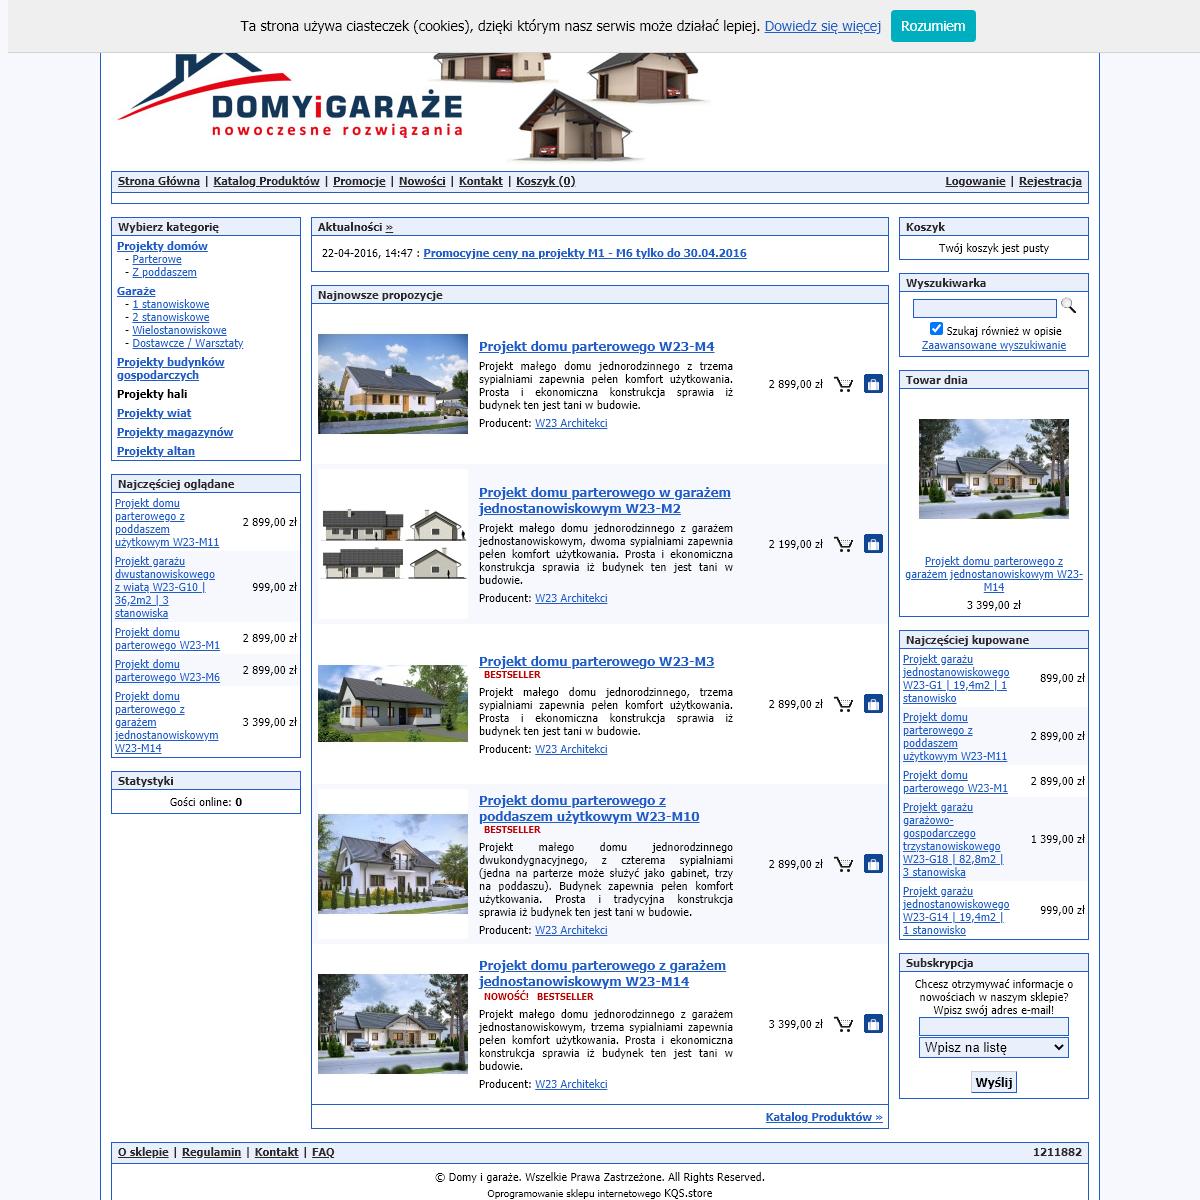 Domy i garaże, projekty domów i garaży